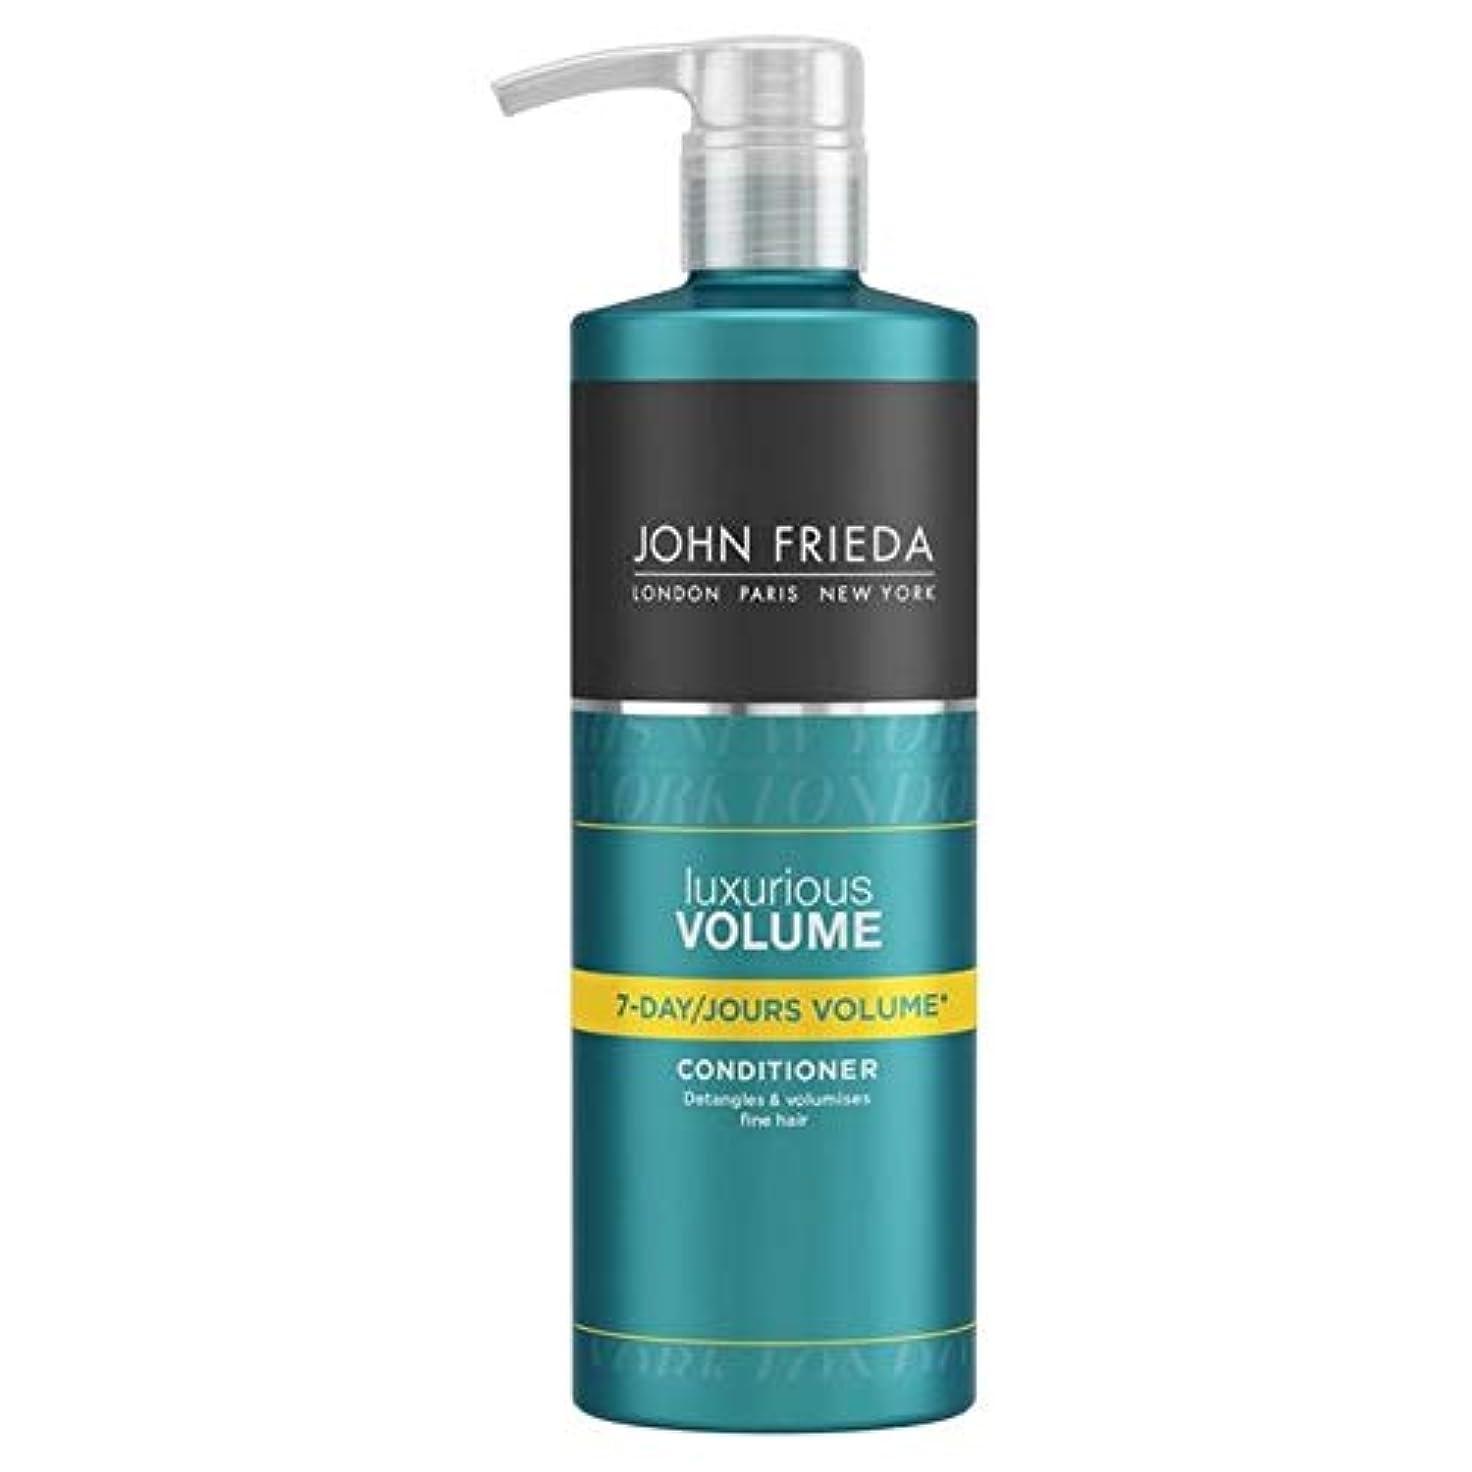 バレーボールカーテンブレーク[John Frieda ] ジョン?フリーダ贅沢なボリューム7日間のボリュームコンディショナー500ミリリットル - John Frieda Luxurious Volume Seven Day Volume Conditioner...